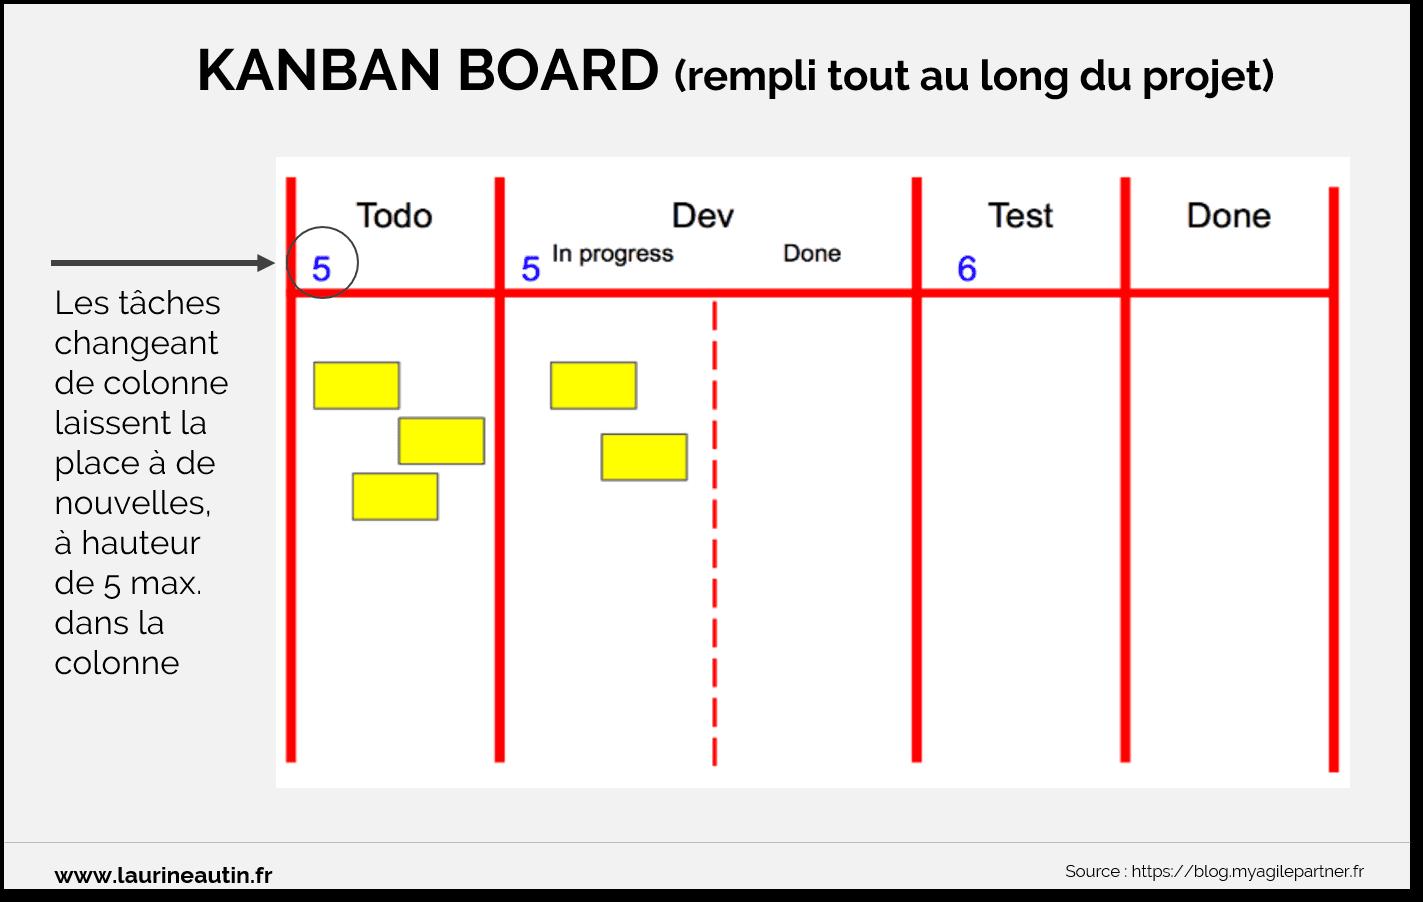 Kanban Board simple